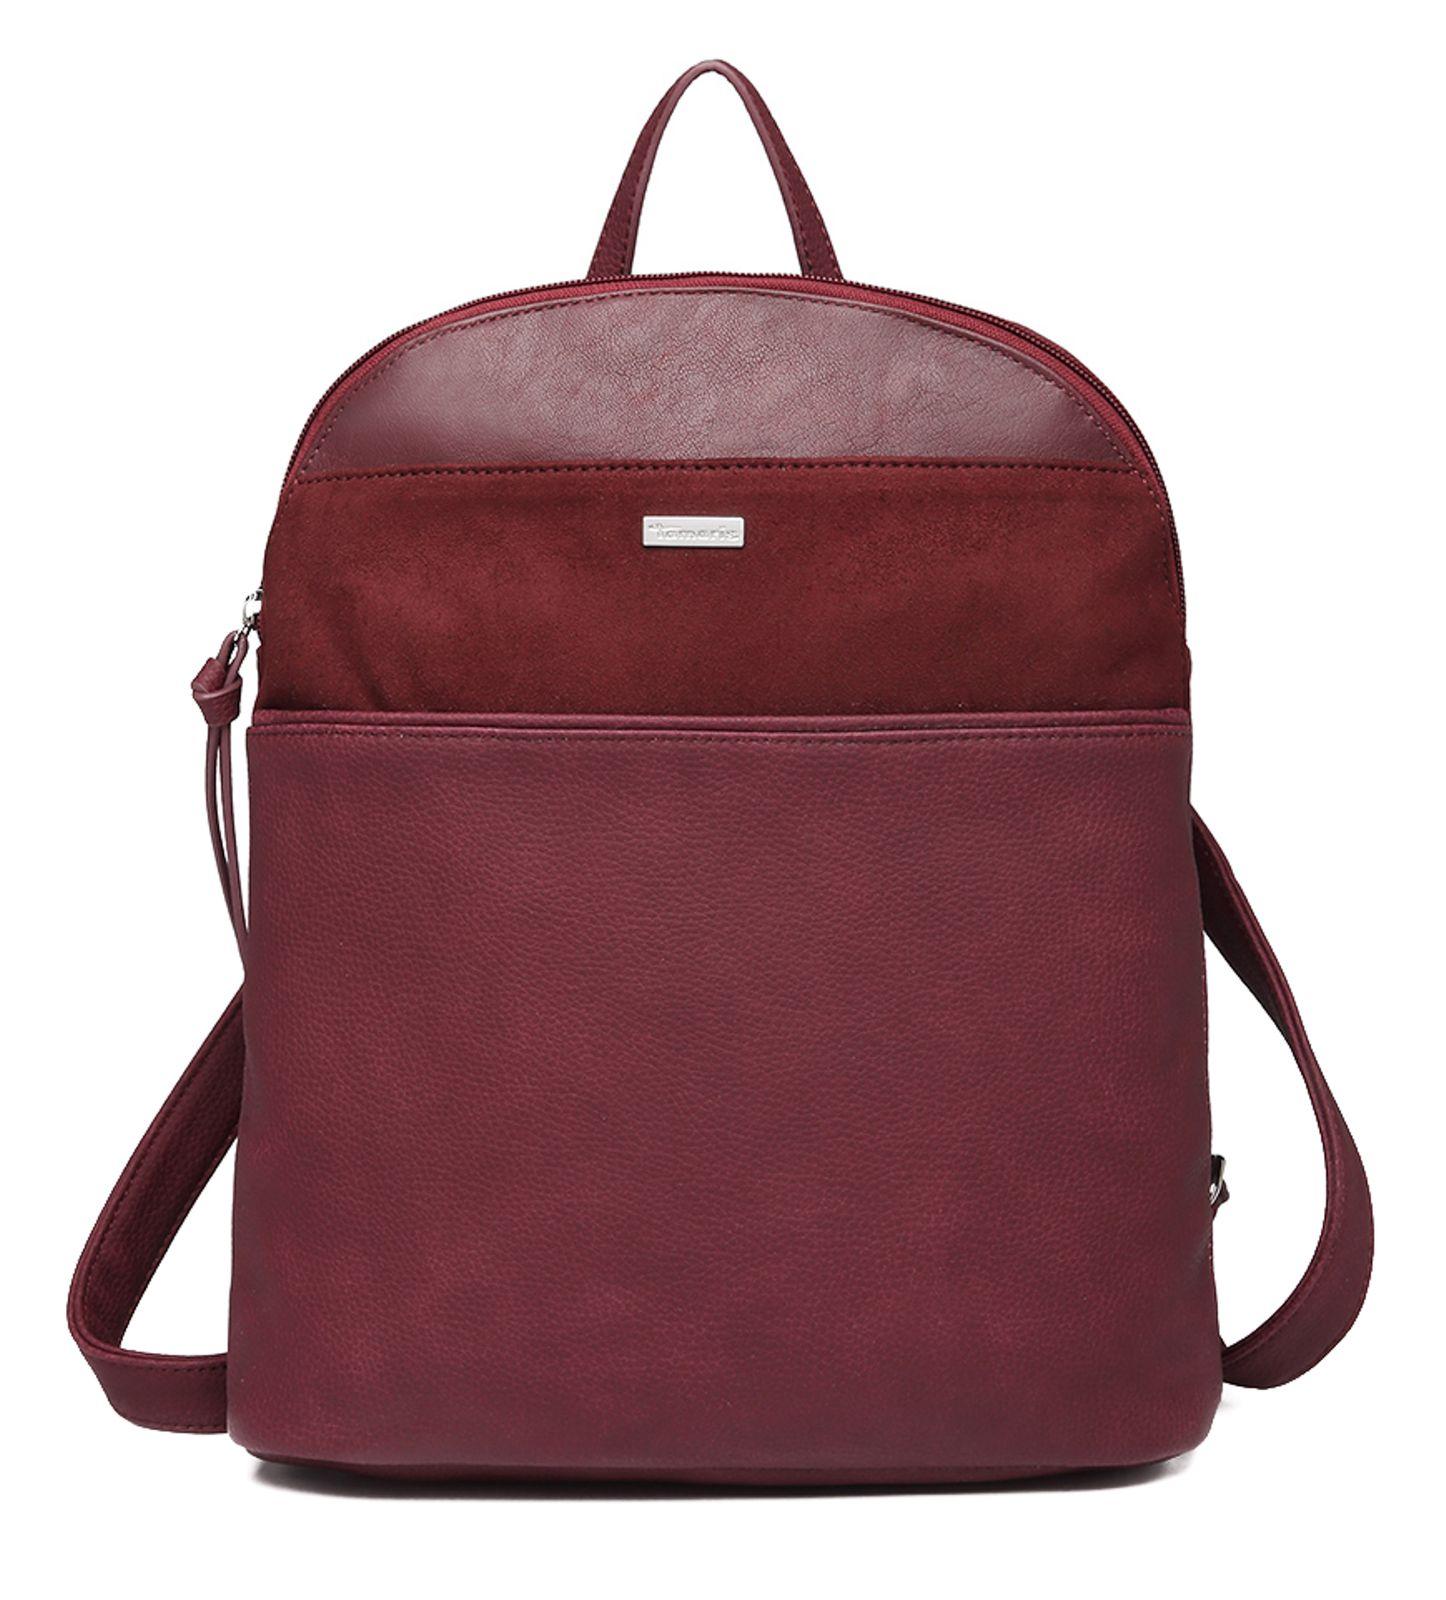 Tamaris Khema Backpack Bordeaux Comb.